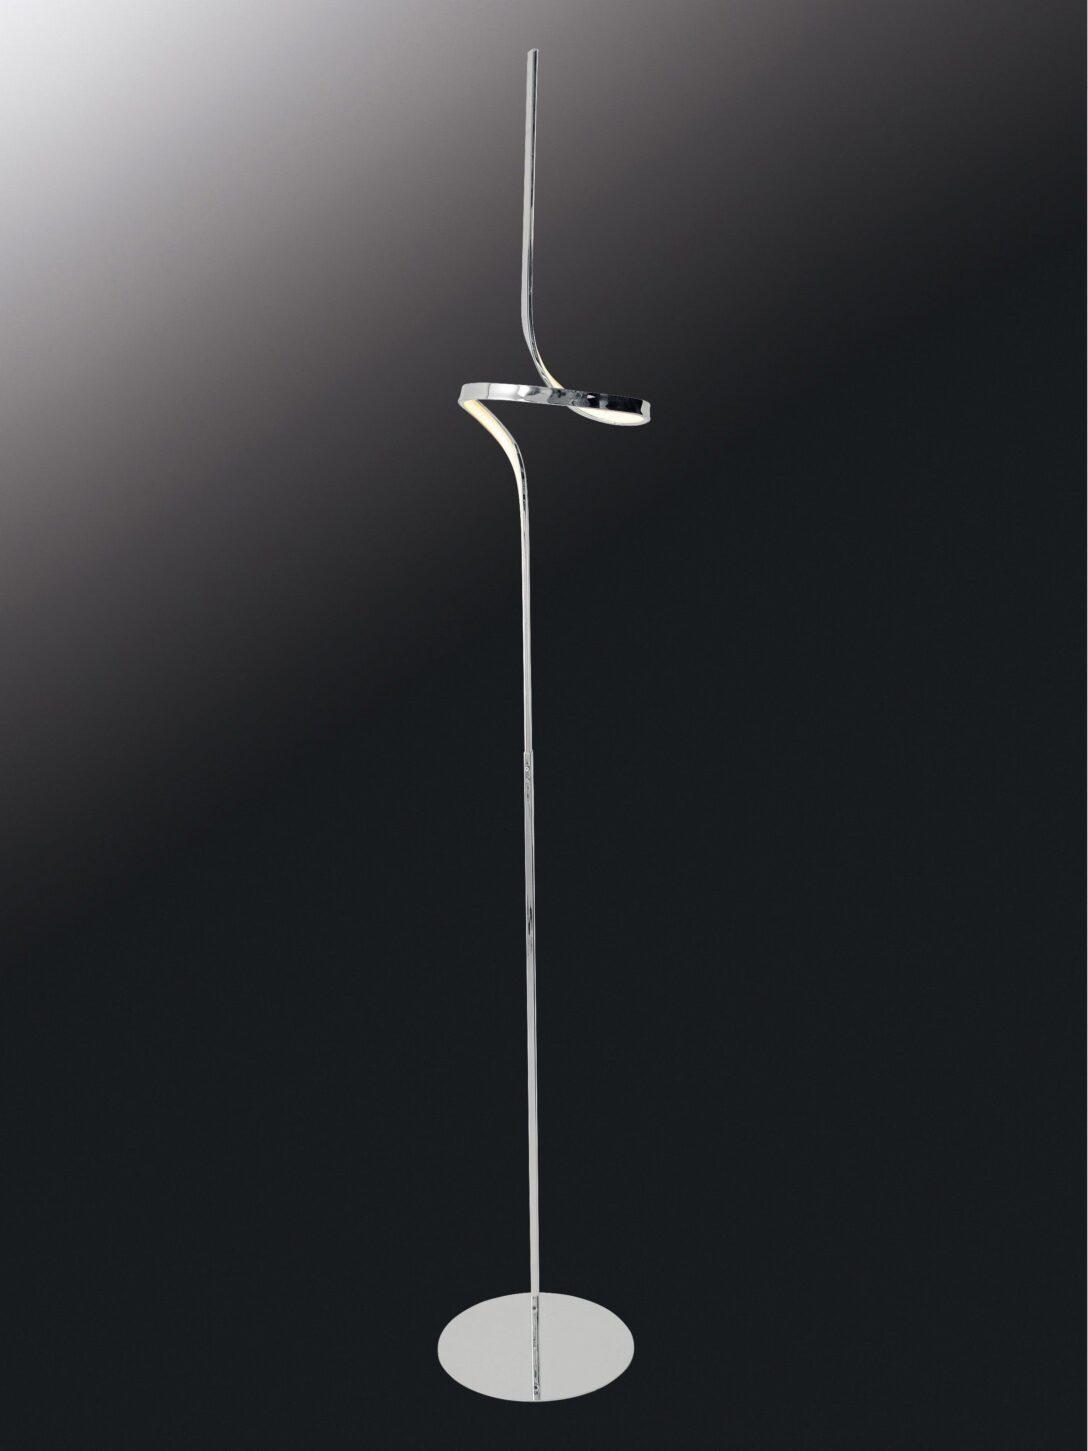 Large Size of Wohnzimmer Stehlampe Led Dimmbar Stehleuchten Stehleuchte Stehlampen Ikea Moderne Besser Schlafen Deckenleuchte Tapete Sideboard Wildleder Sofa Teppiche Poster Wohnzimmer Wohnzimmer Stehlampe Led